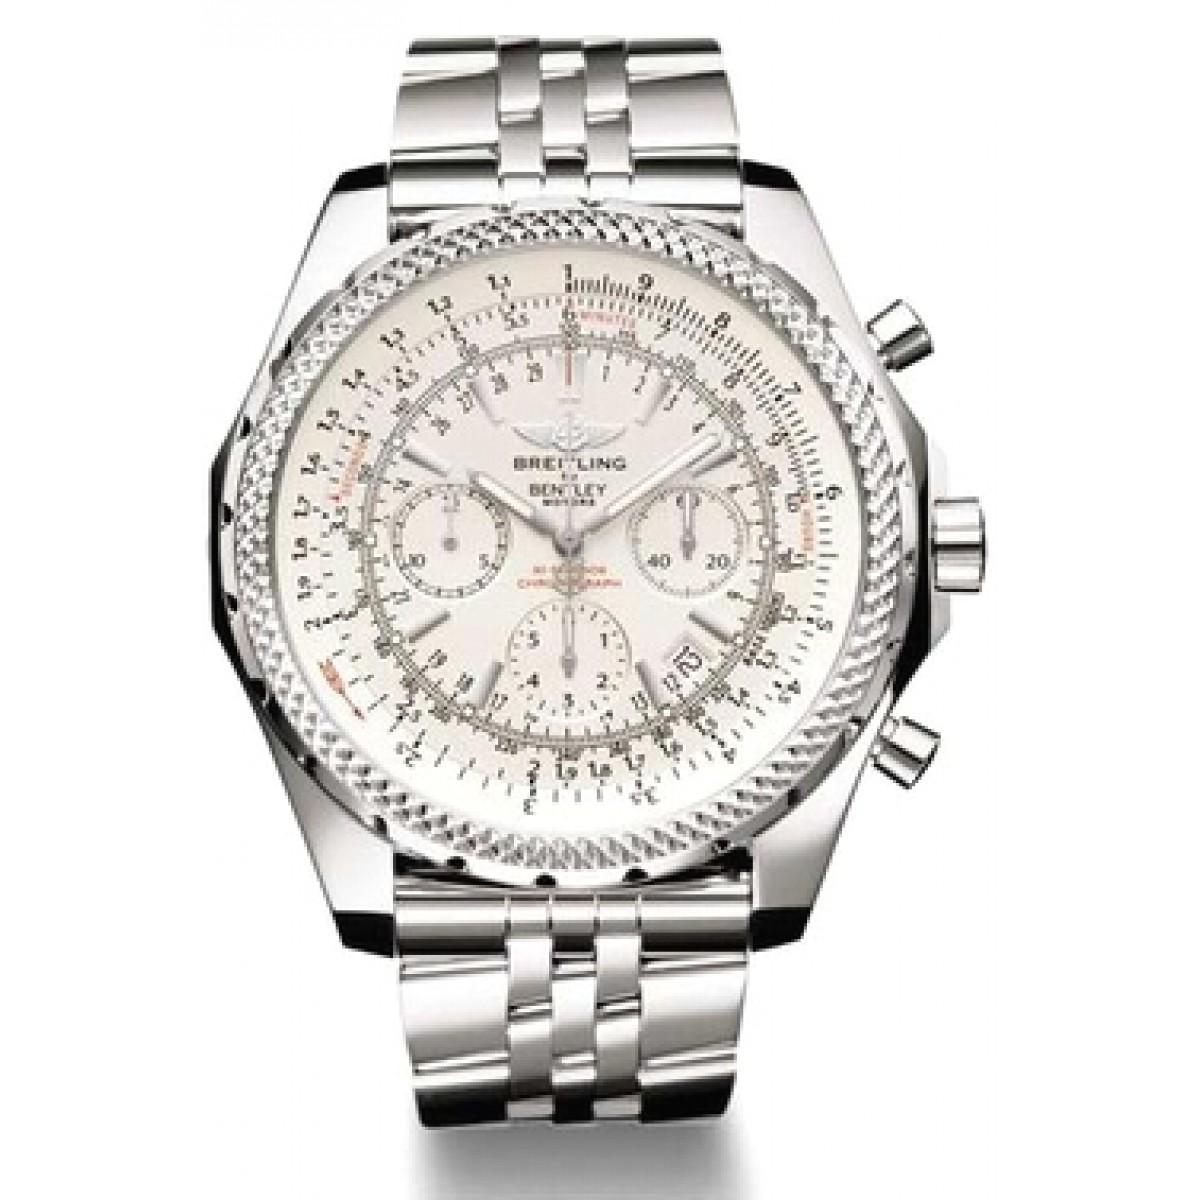 2ad177cf987 Arquivo para réplicas de relógios - Réplicas de Relógios de Grifes